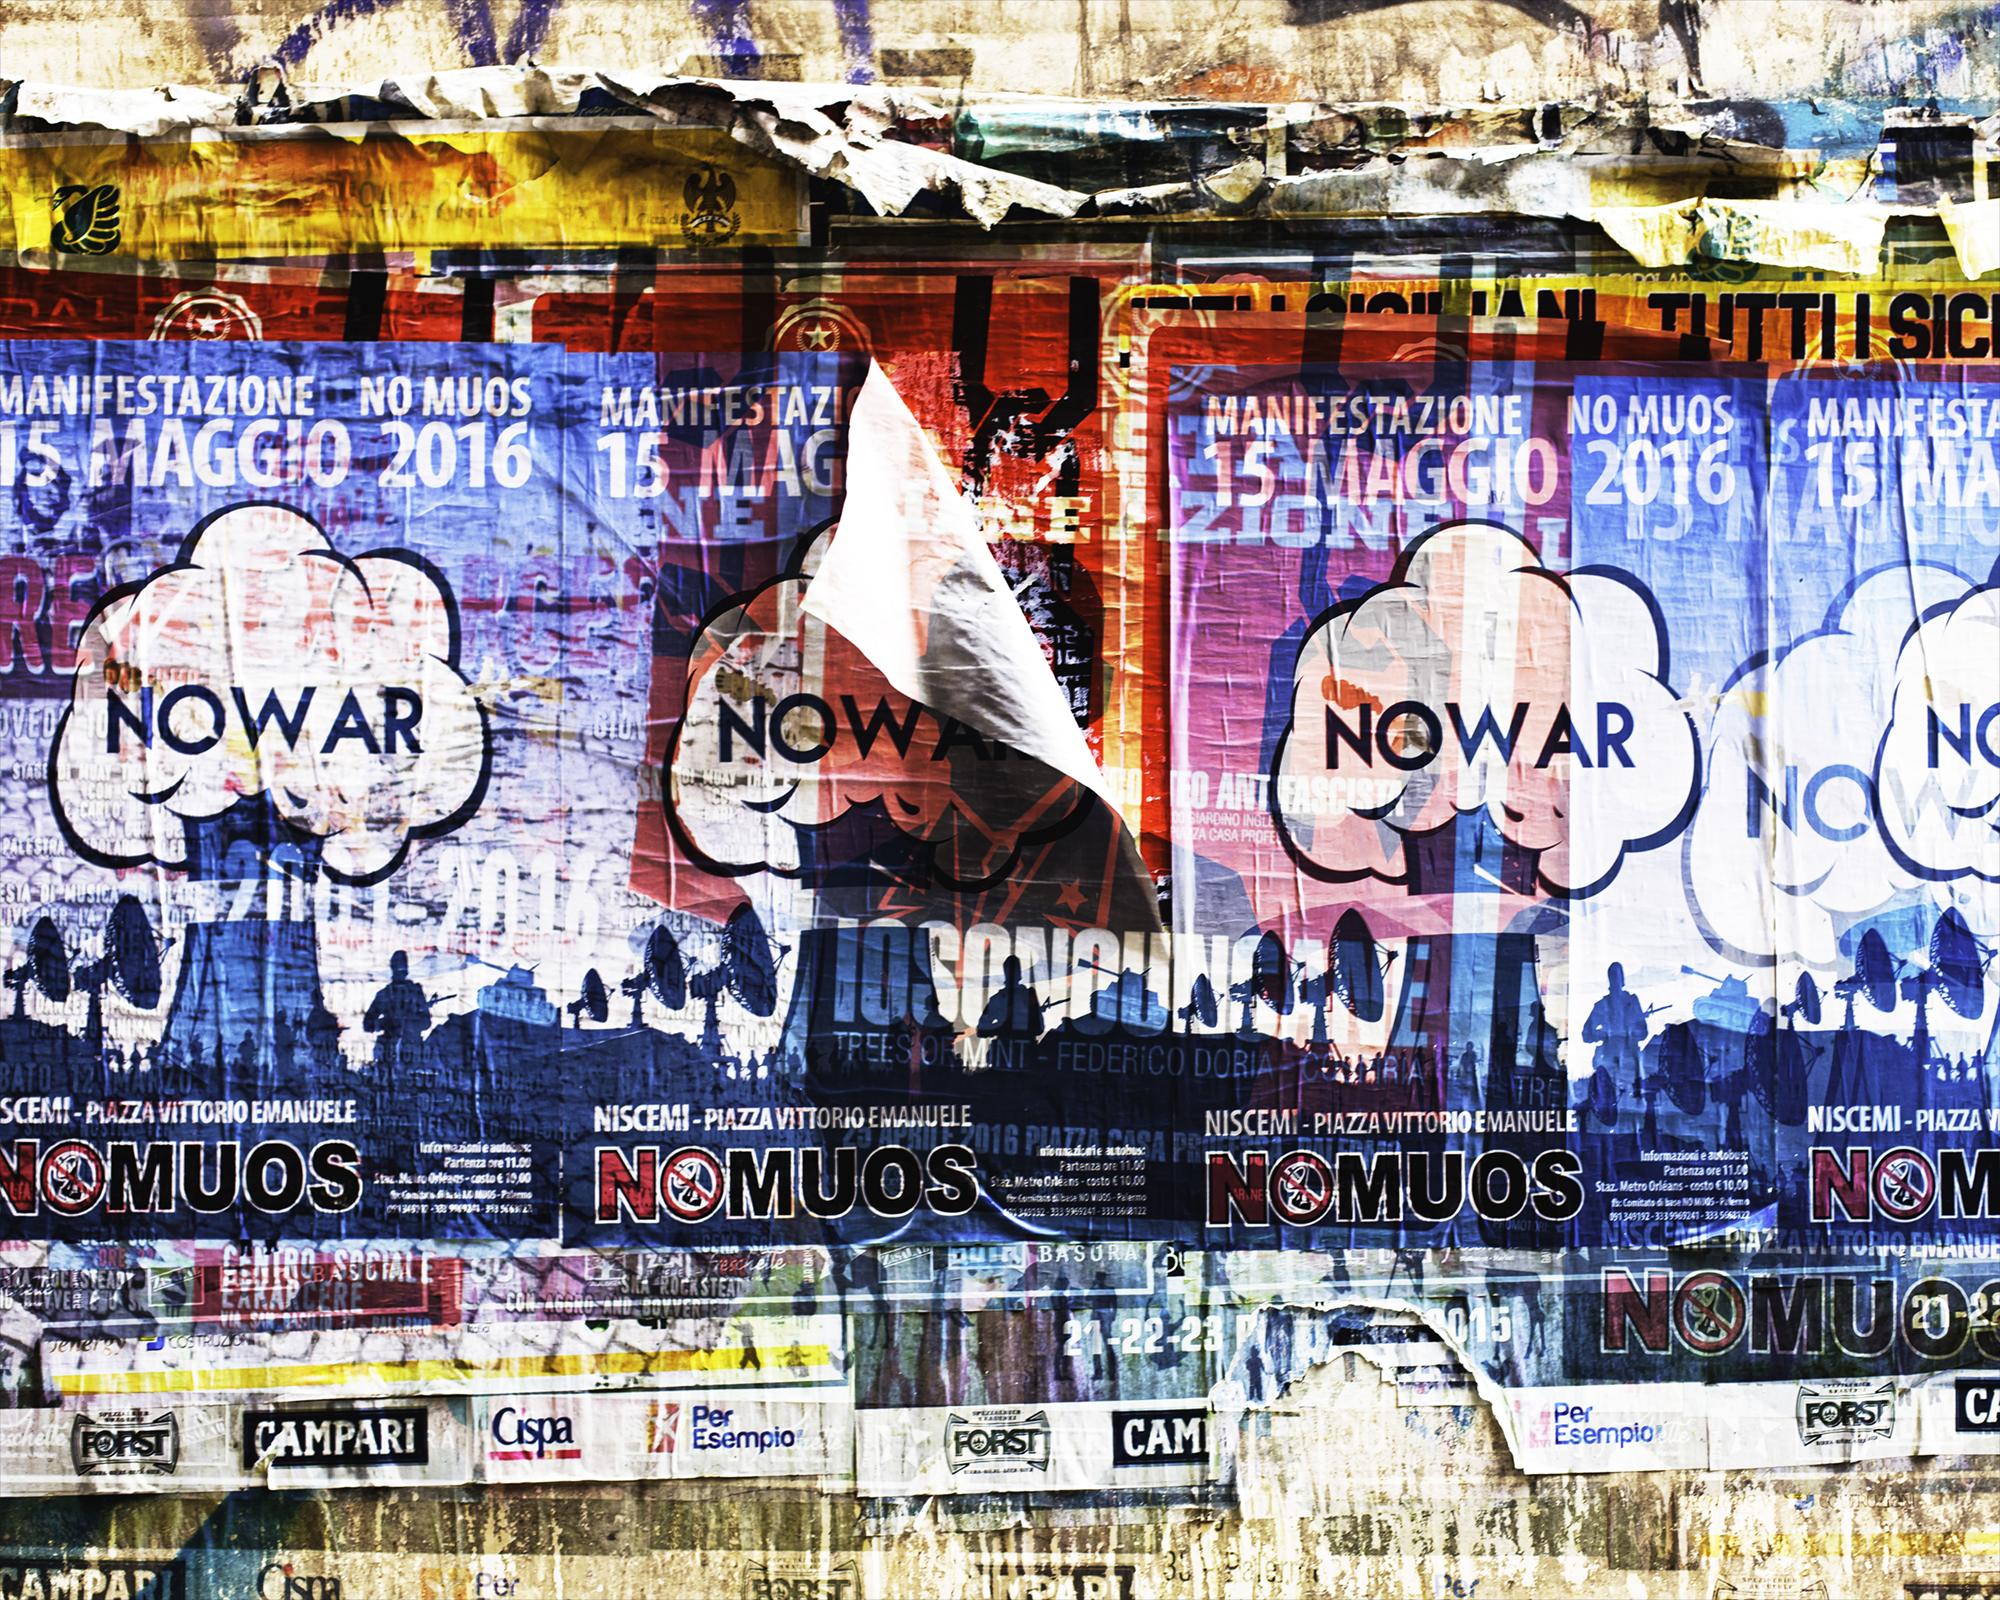 NO WAR IN PALERMO